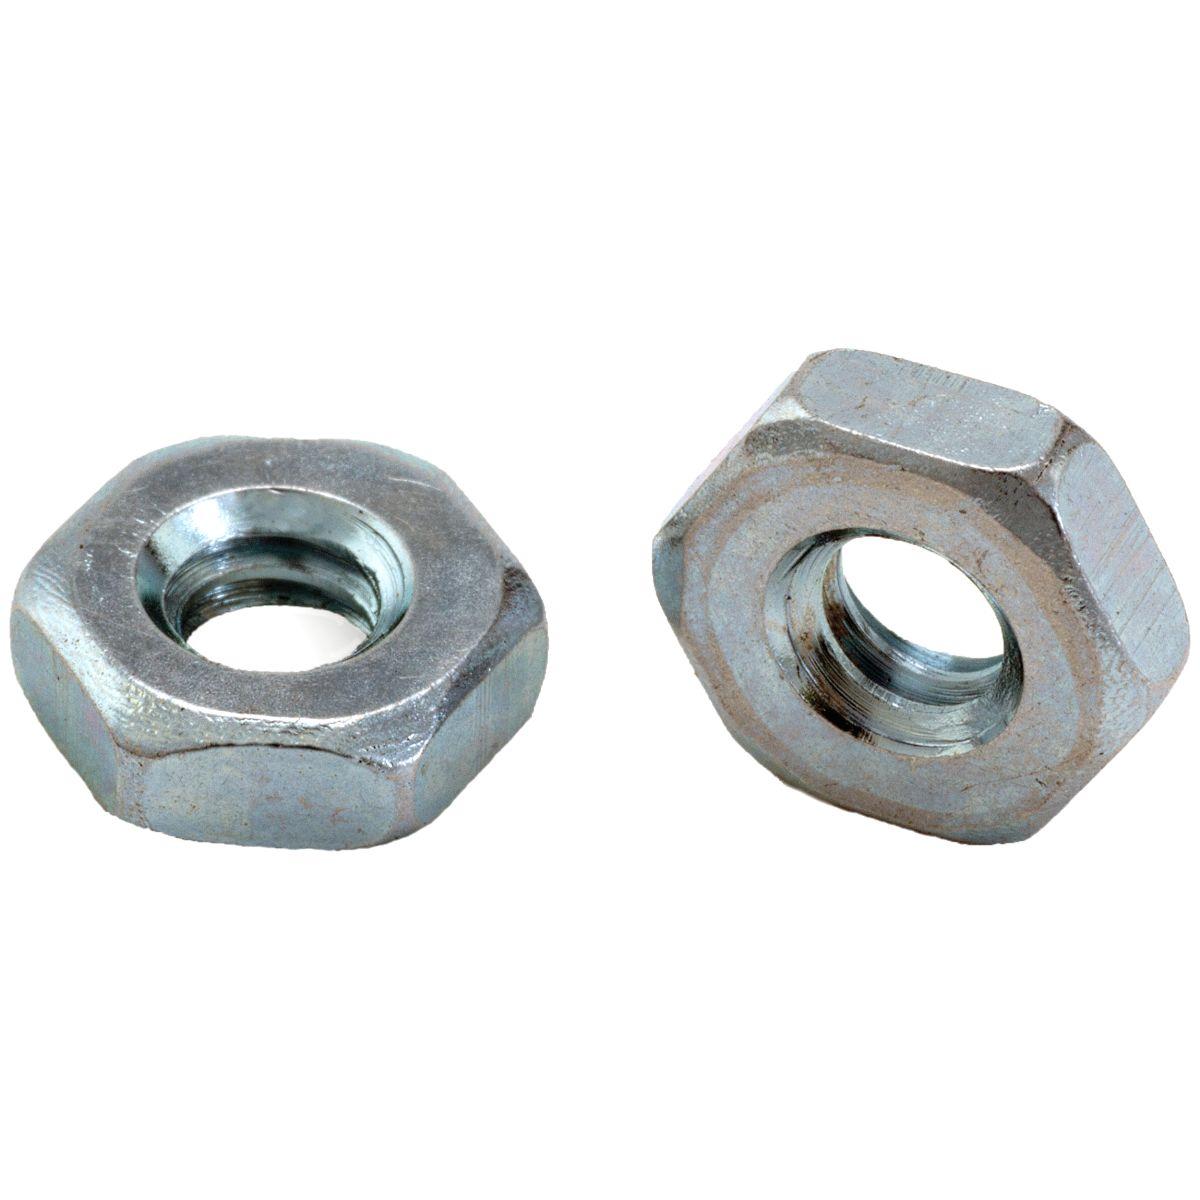 #5-40 Hex Machine Screw Nuts — ASME B18.2.2, Zinc, Coarse, 100/PKG